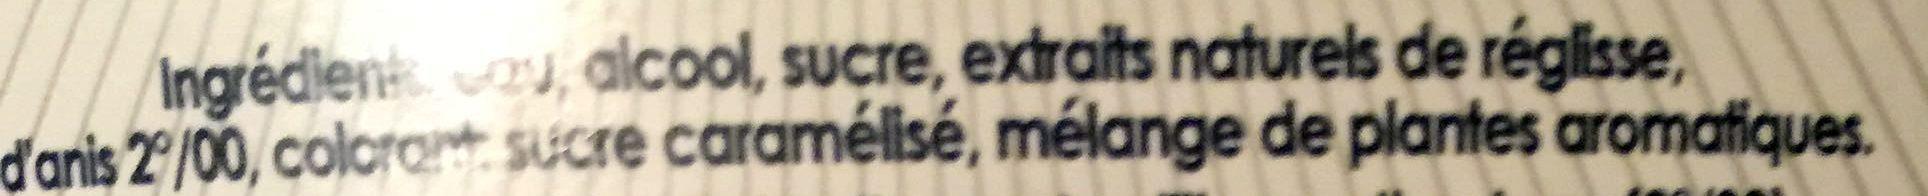 Pastis de Marseille - Ingrédients